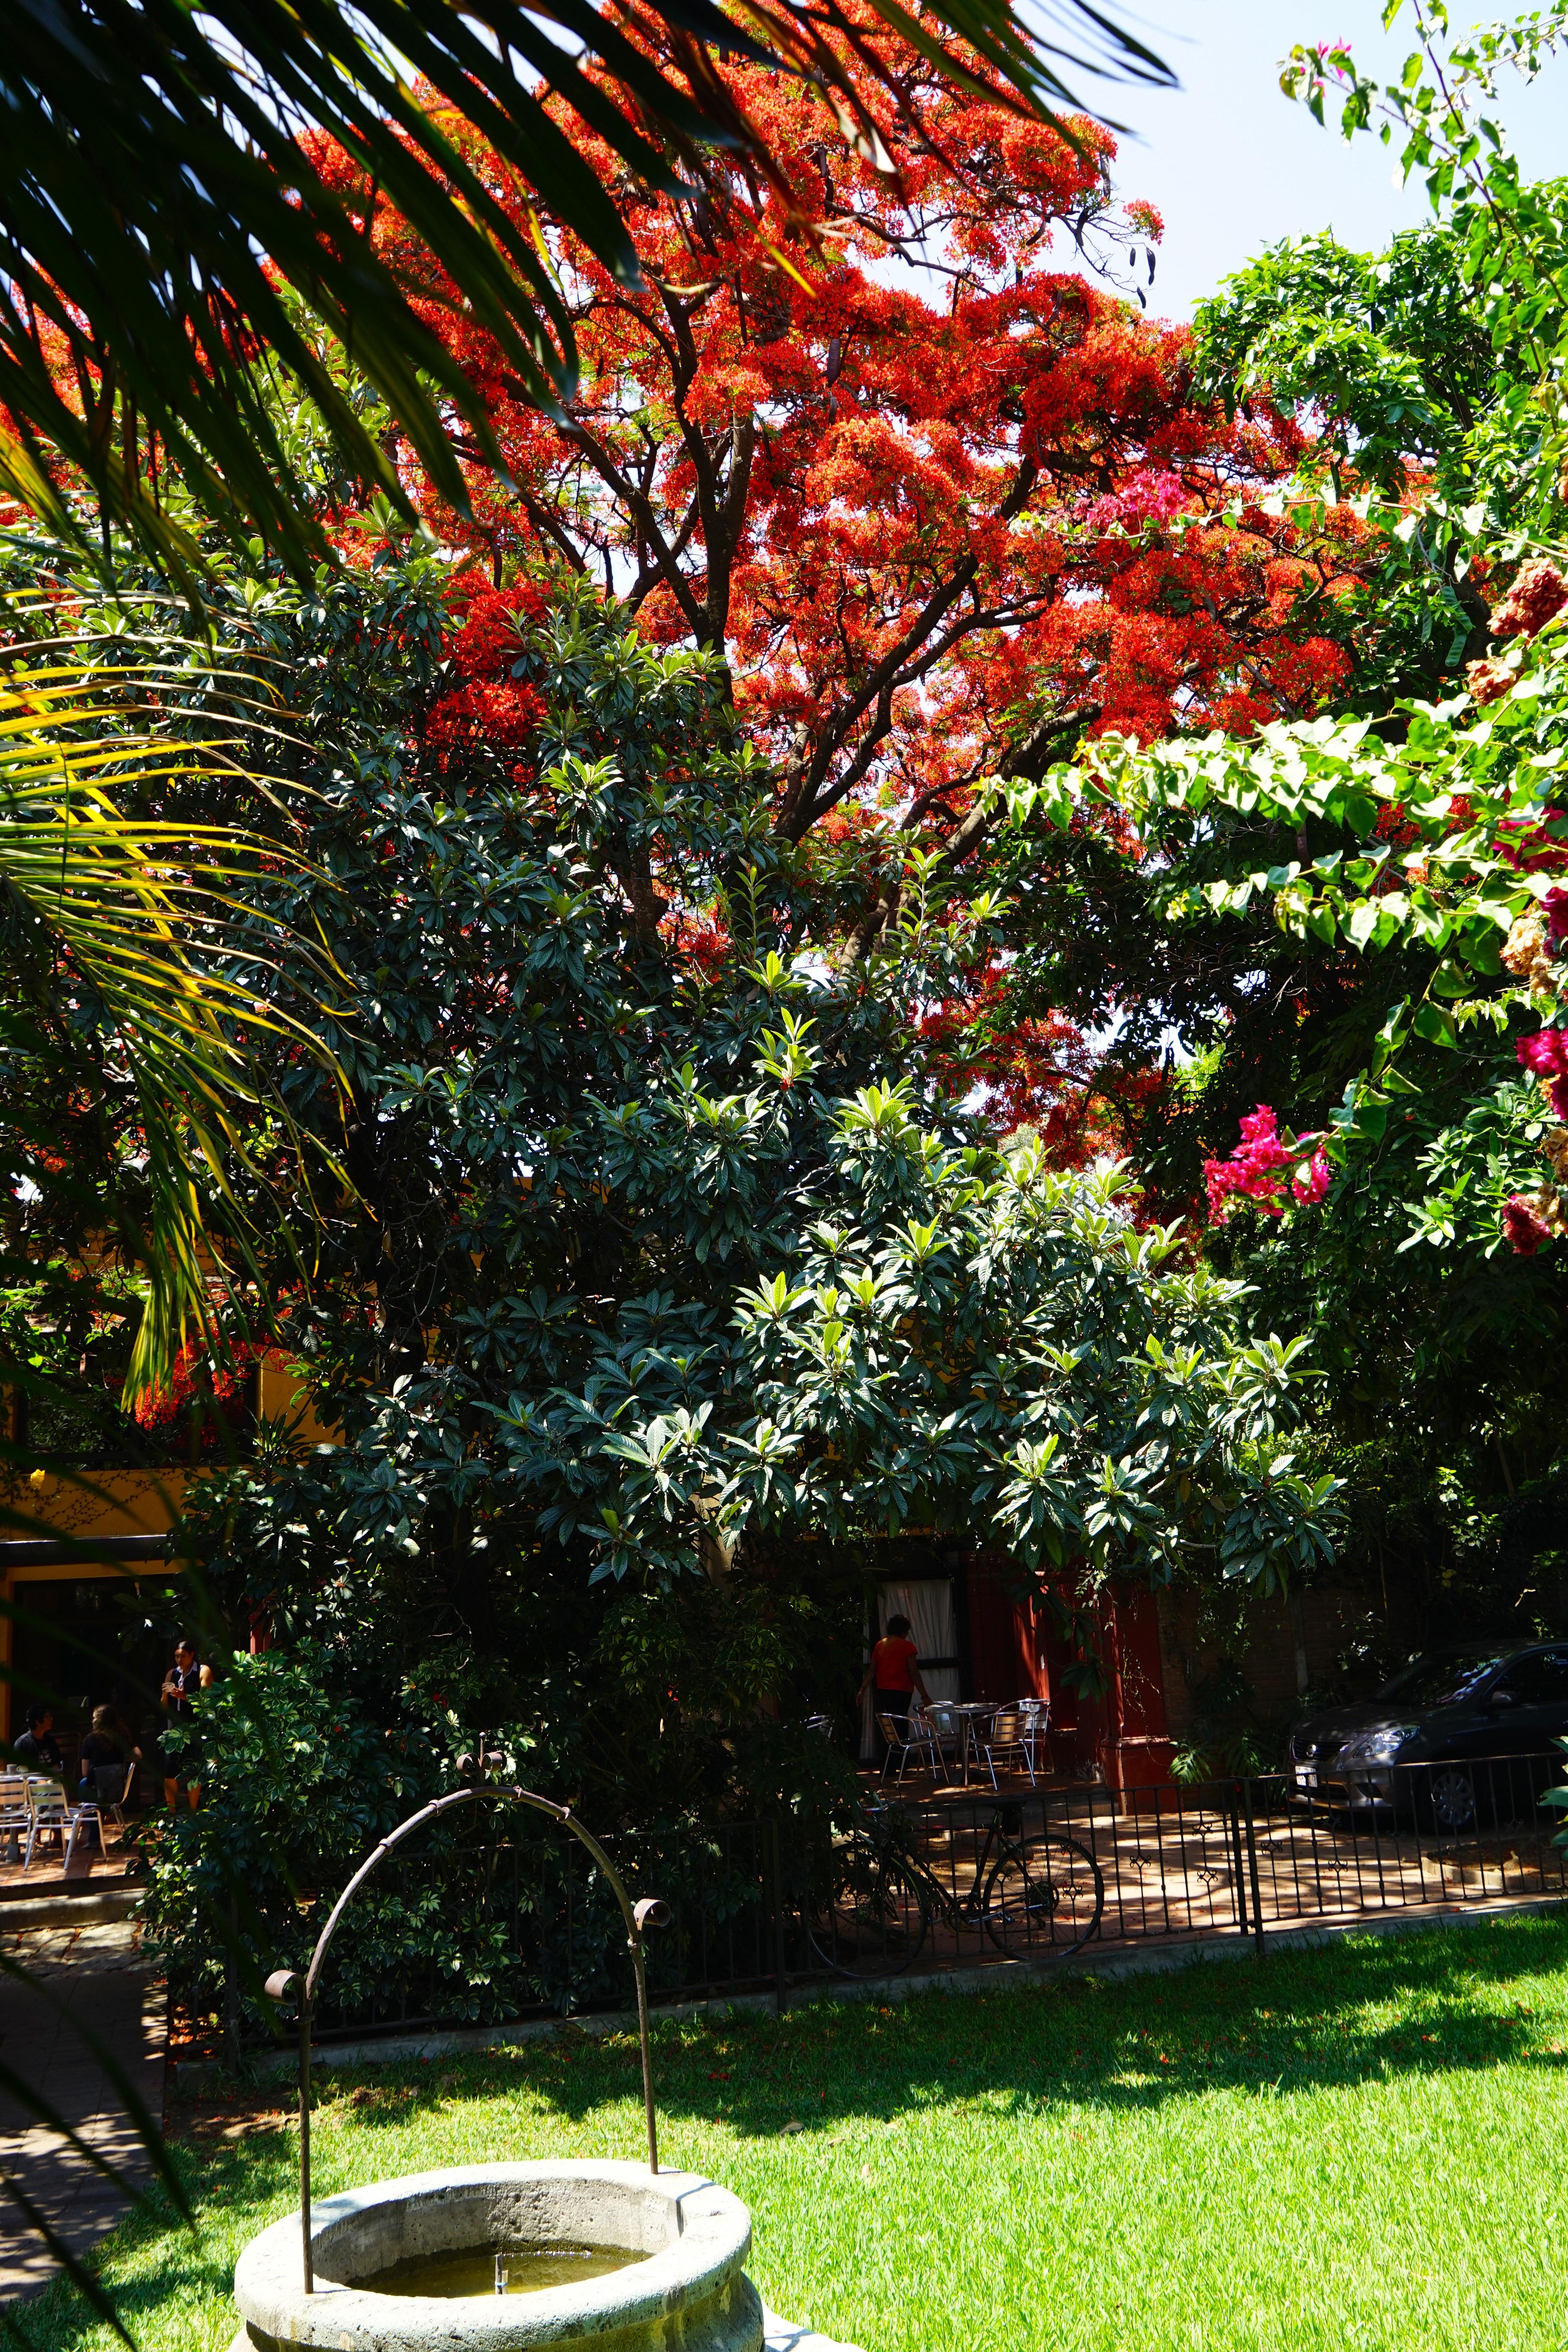 A hacienda's yard